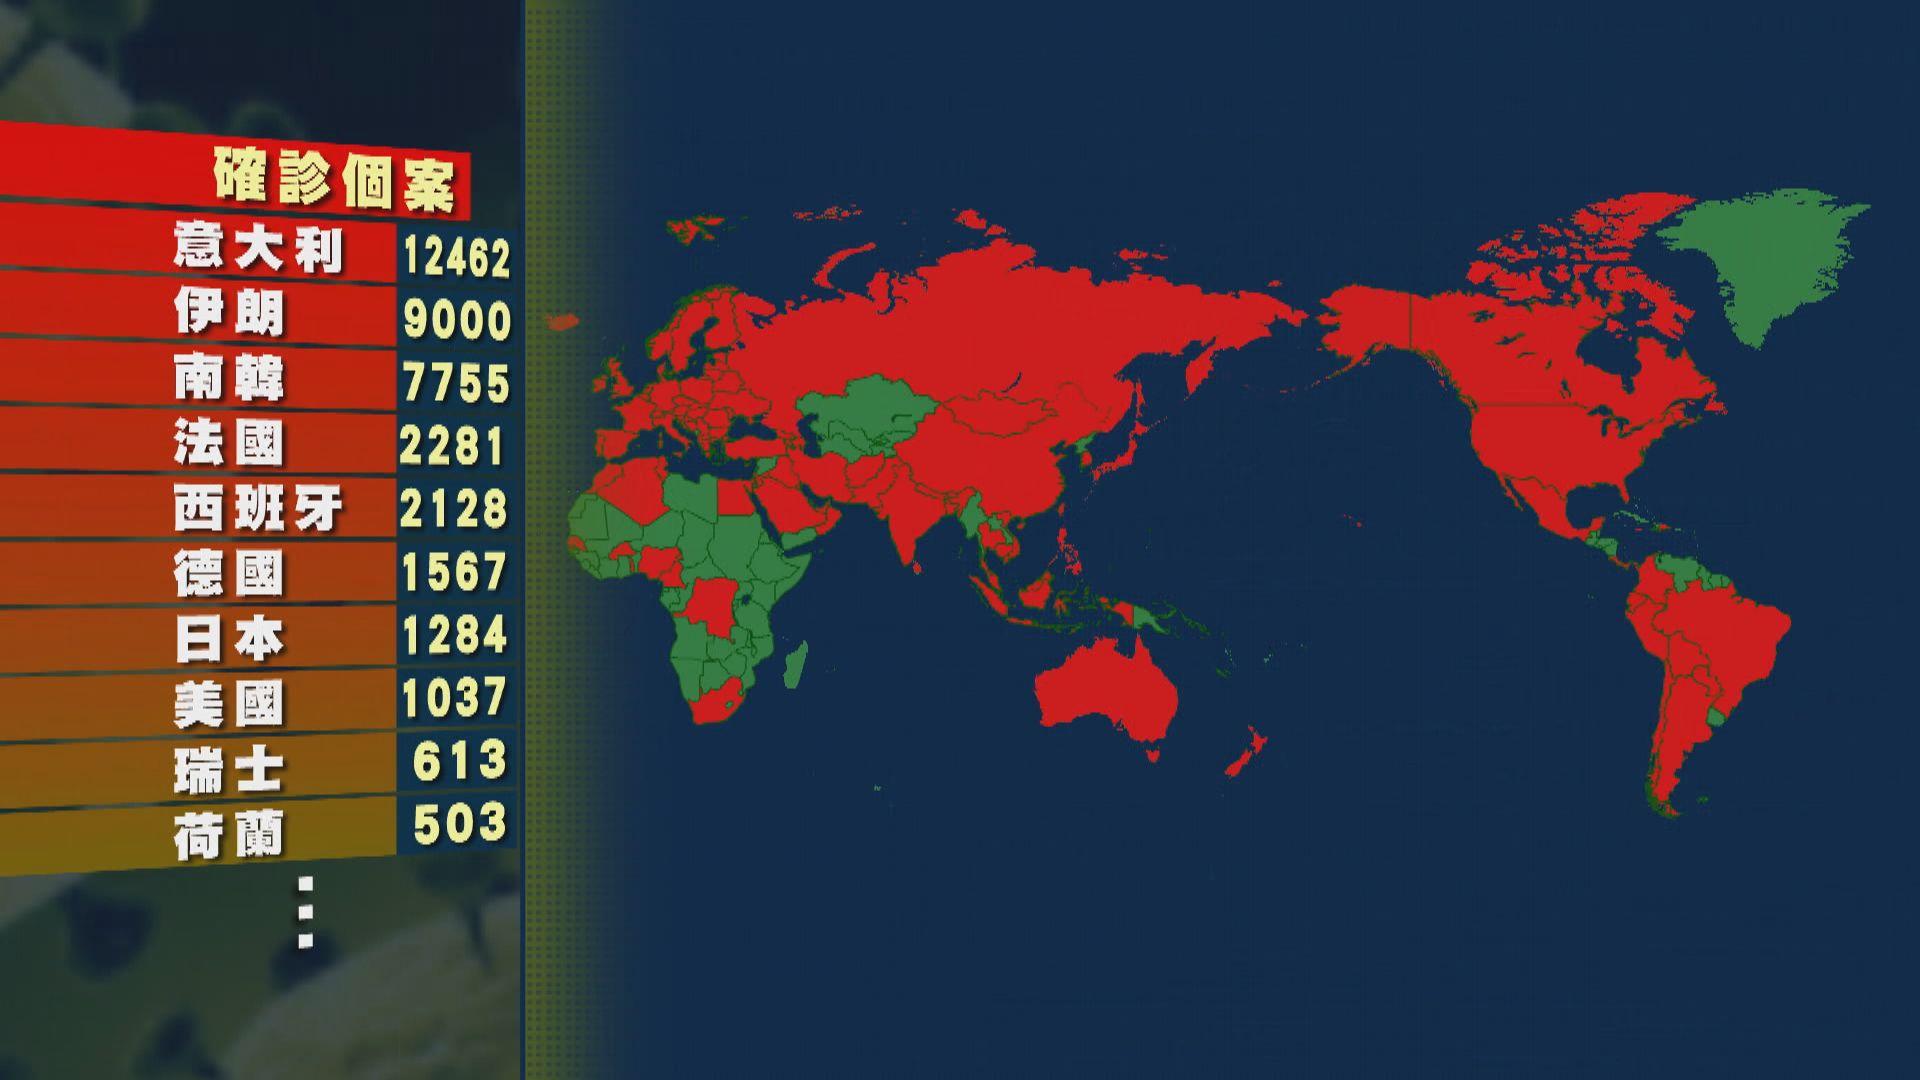 世衛宣布疫情為全球大流行